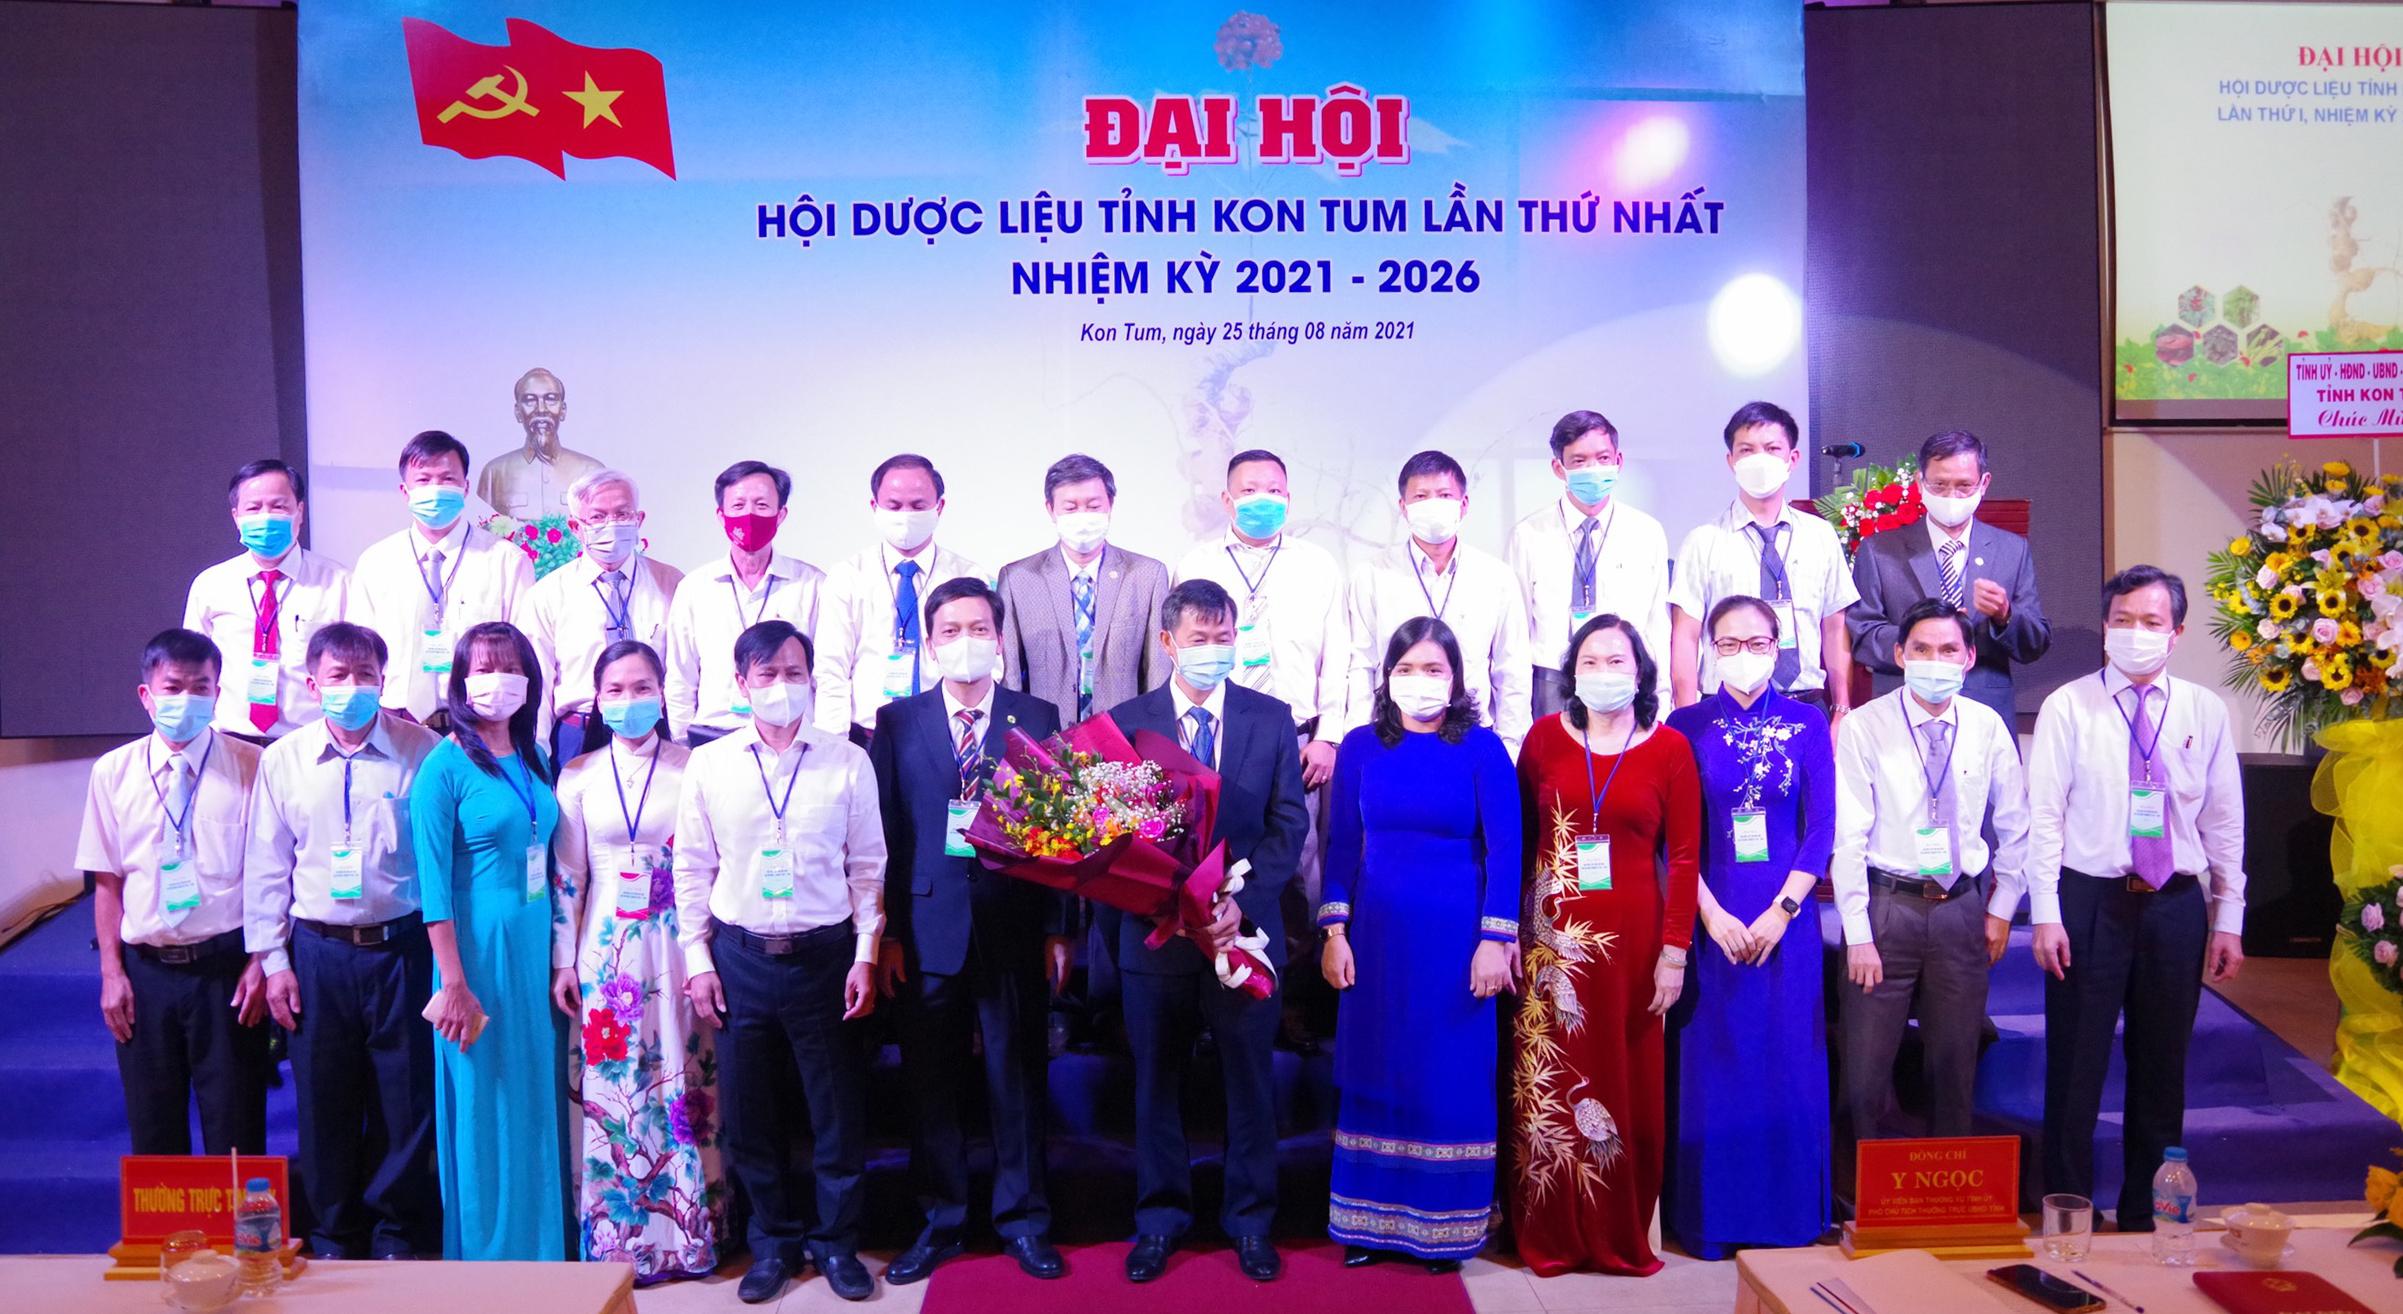 Đại hội Hội Dược liệu tỉnh lần thứ I tỉnh Kon Tum